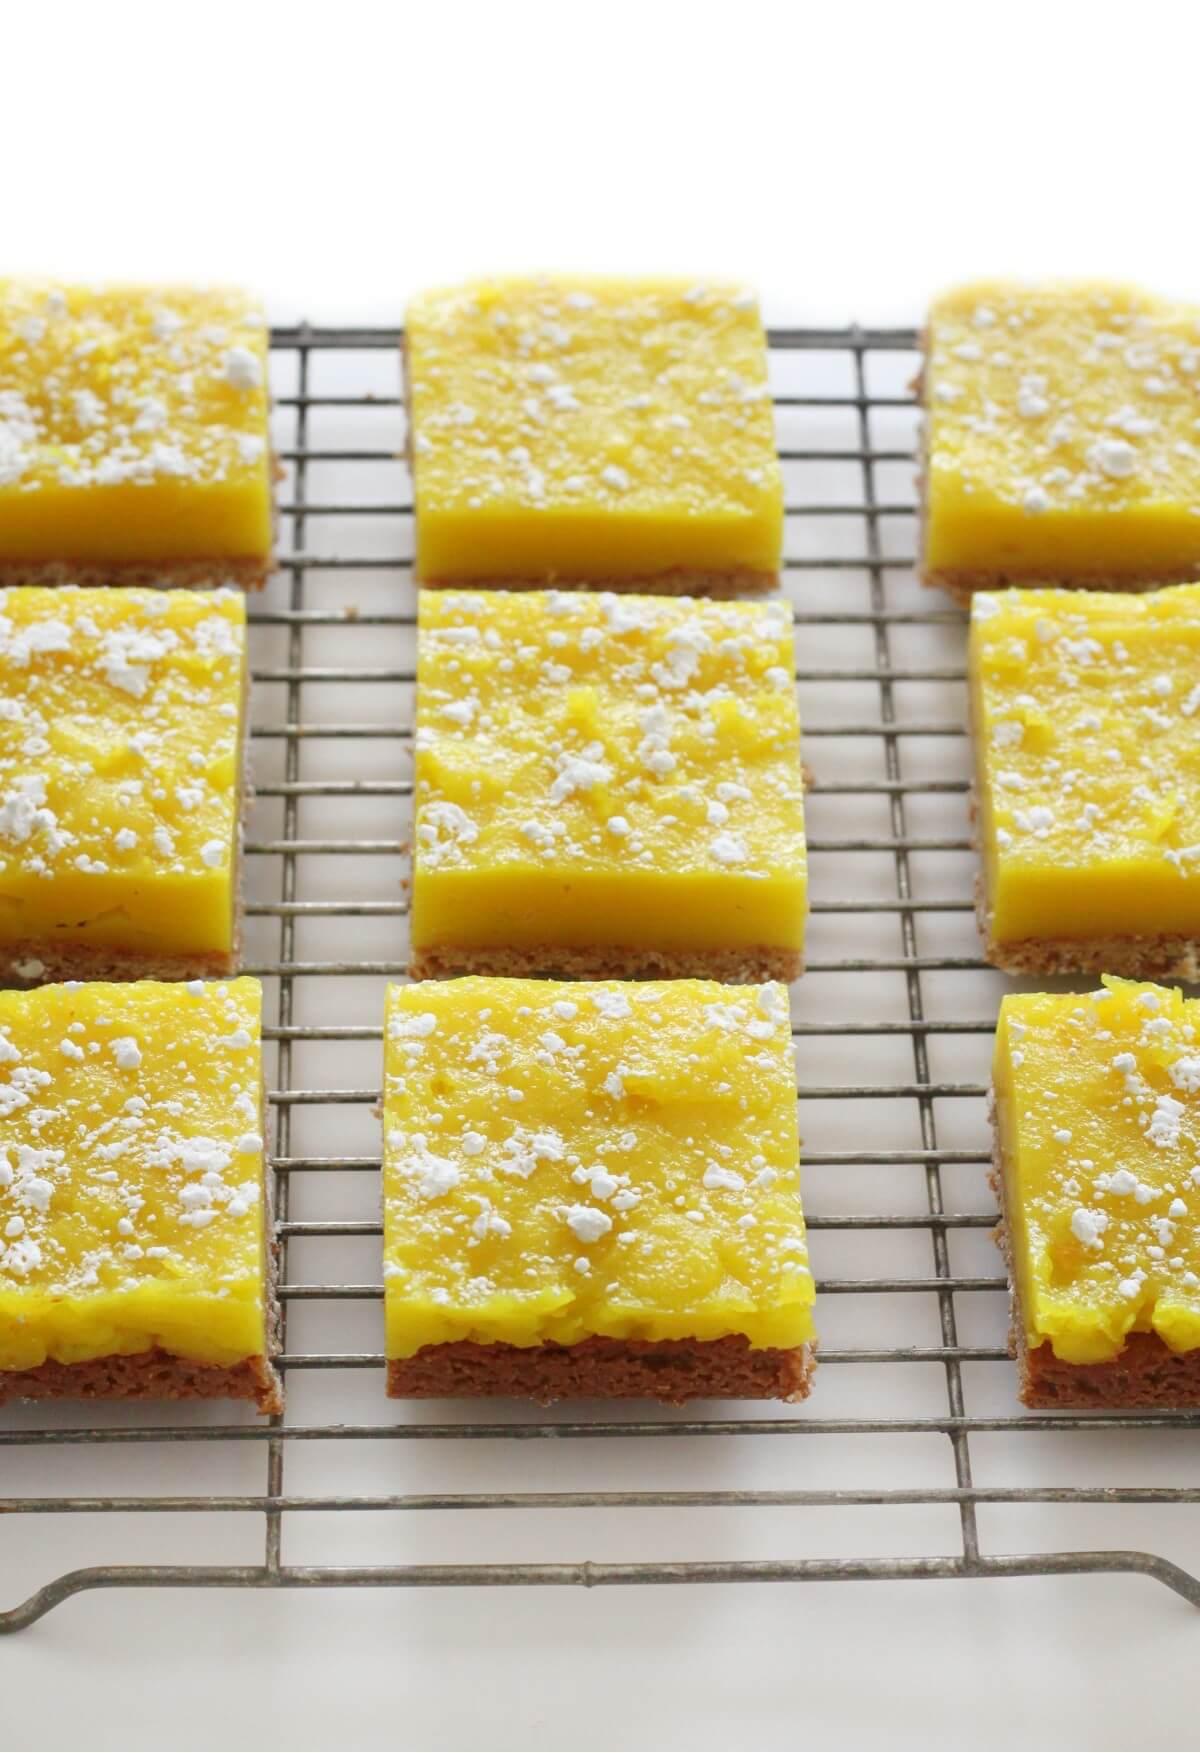 gluten-free vegan lemon bars cooling on wire rack